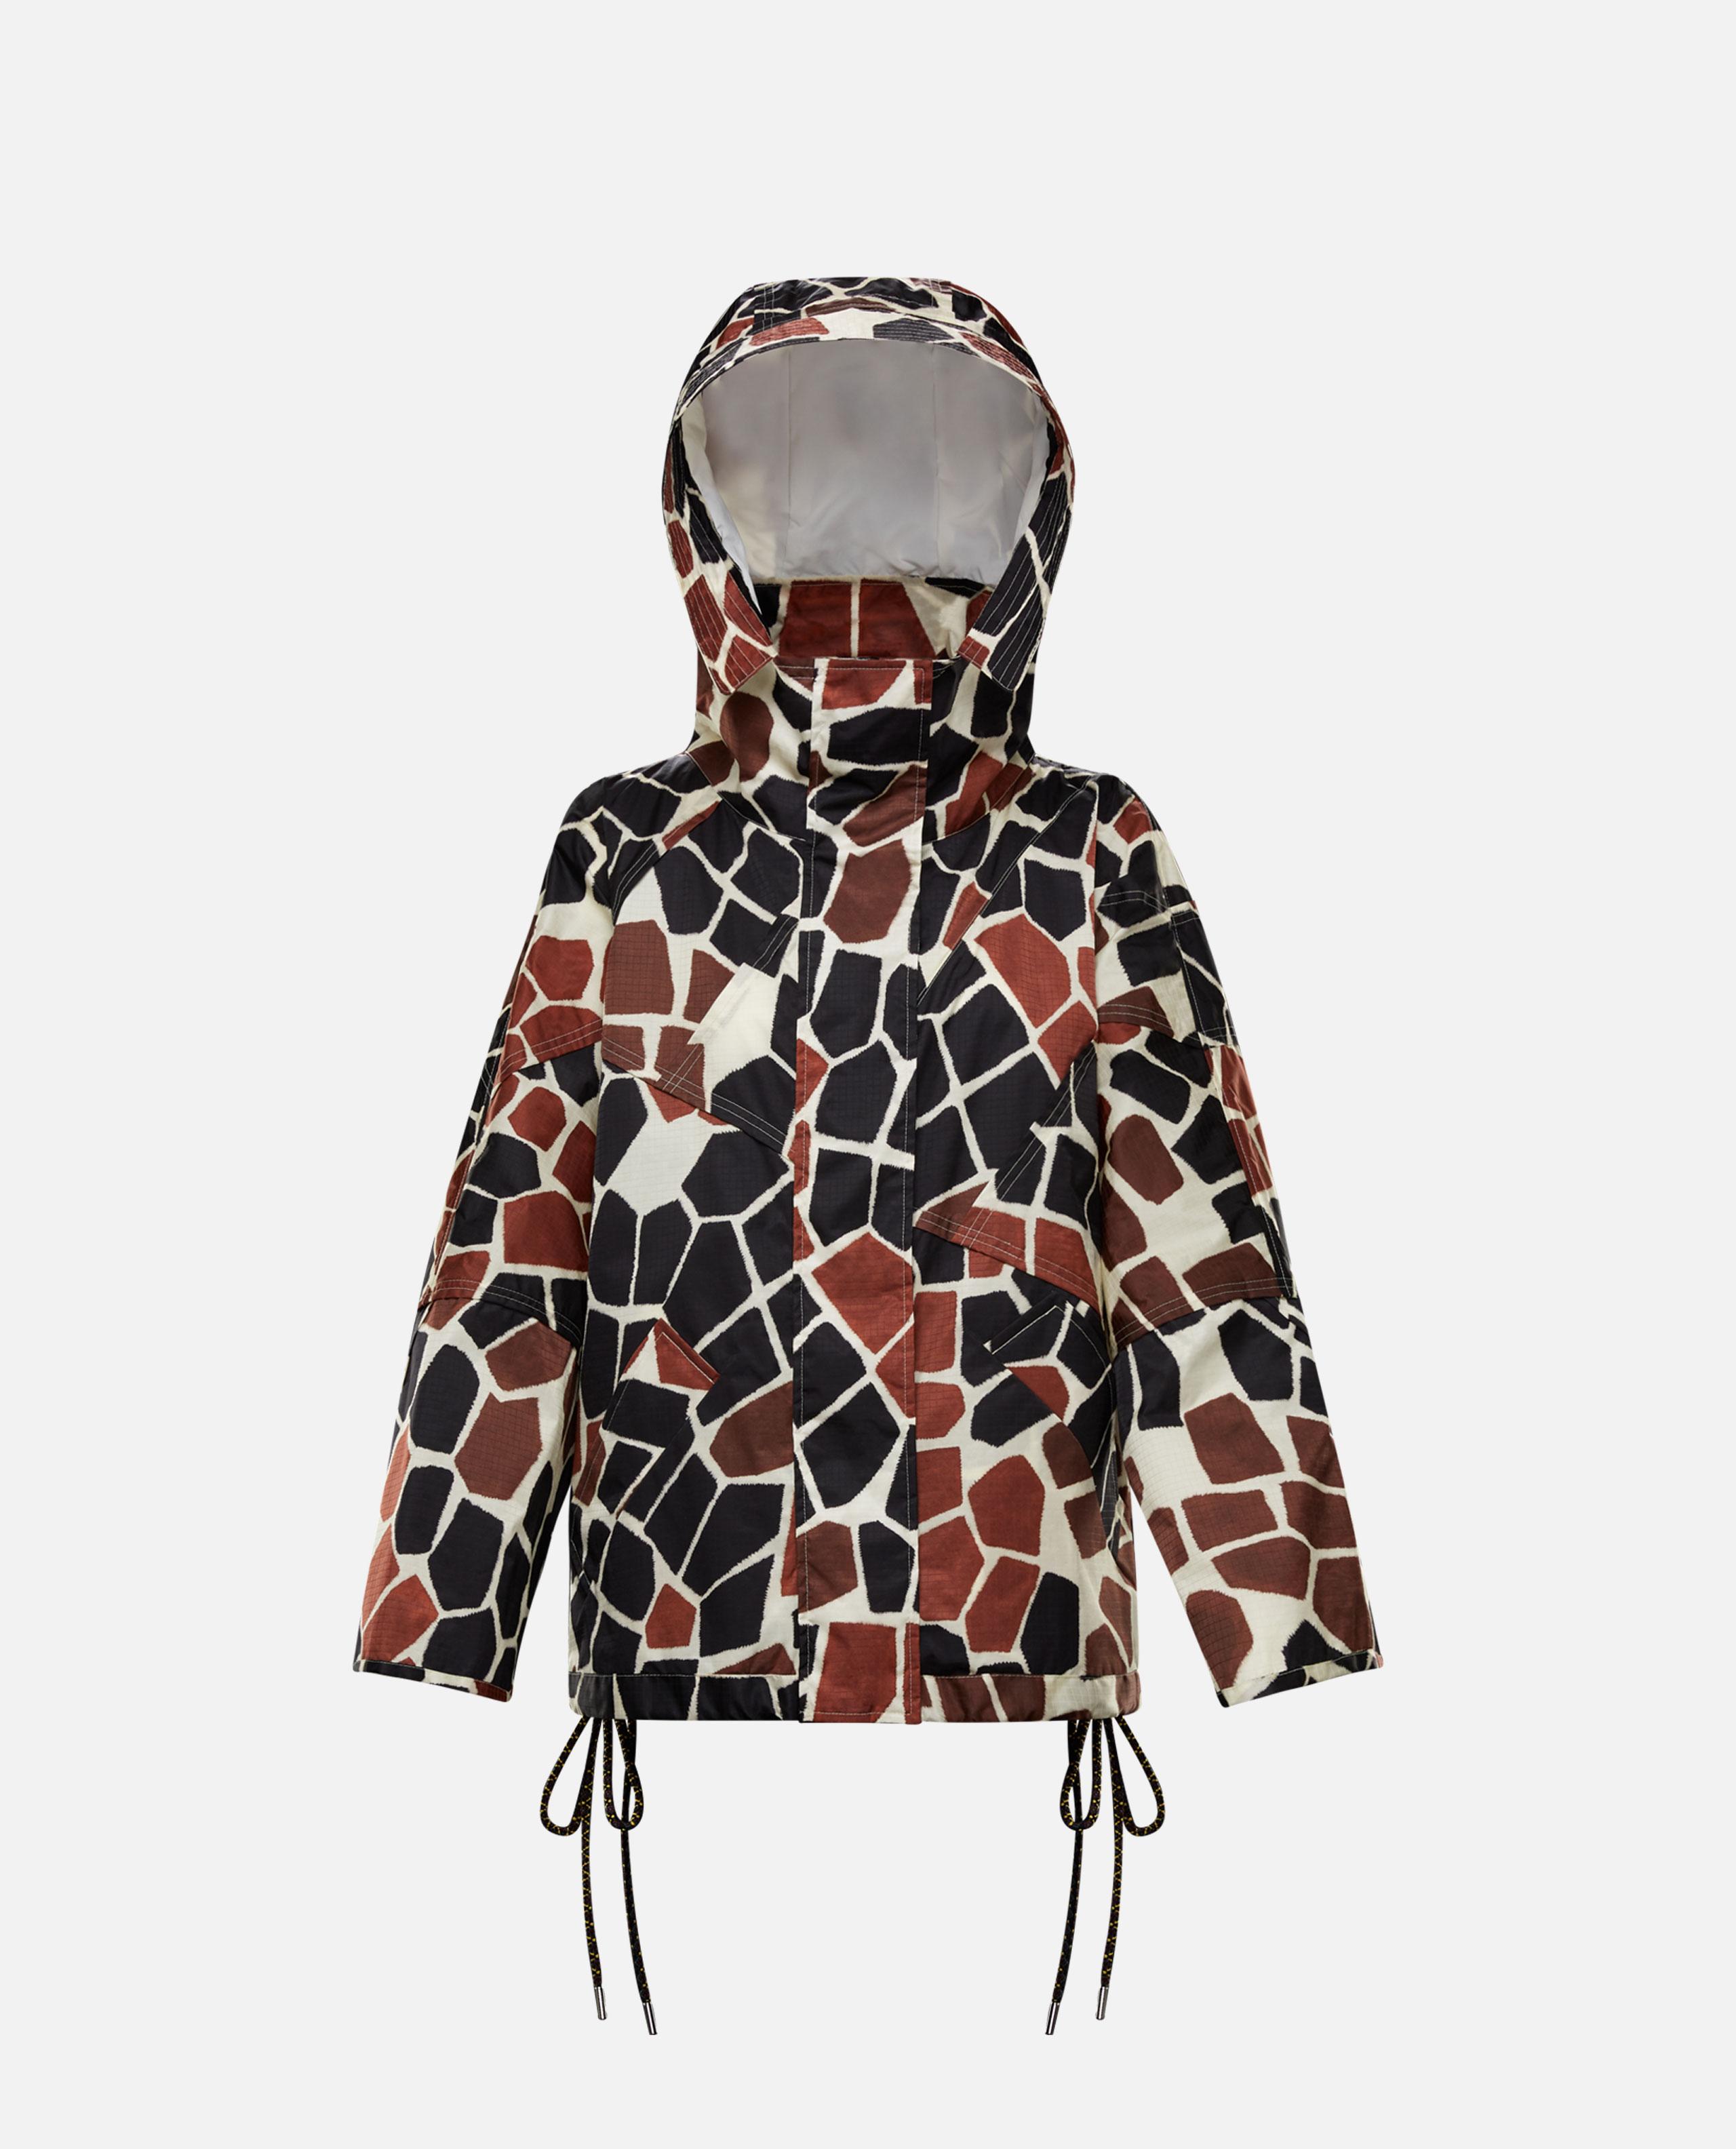 2 Moncler Genius 1952 Freesia Jacket